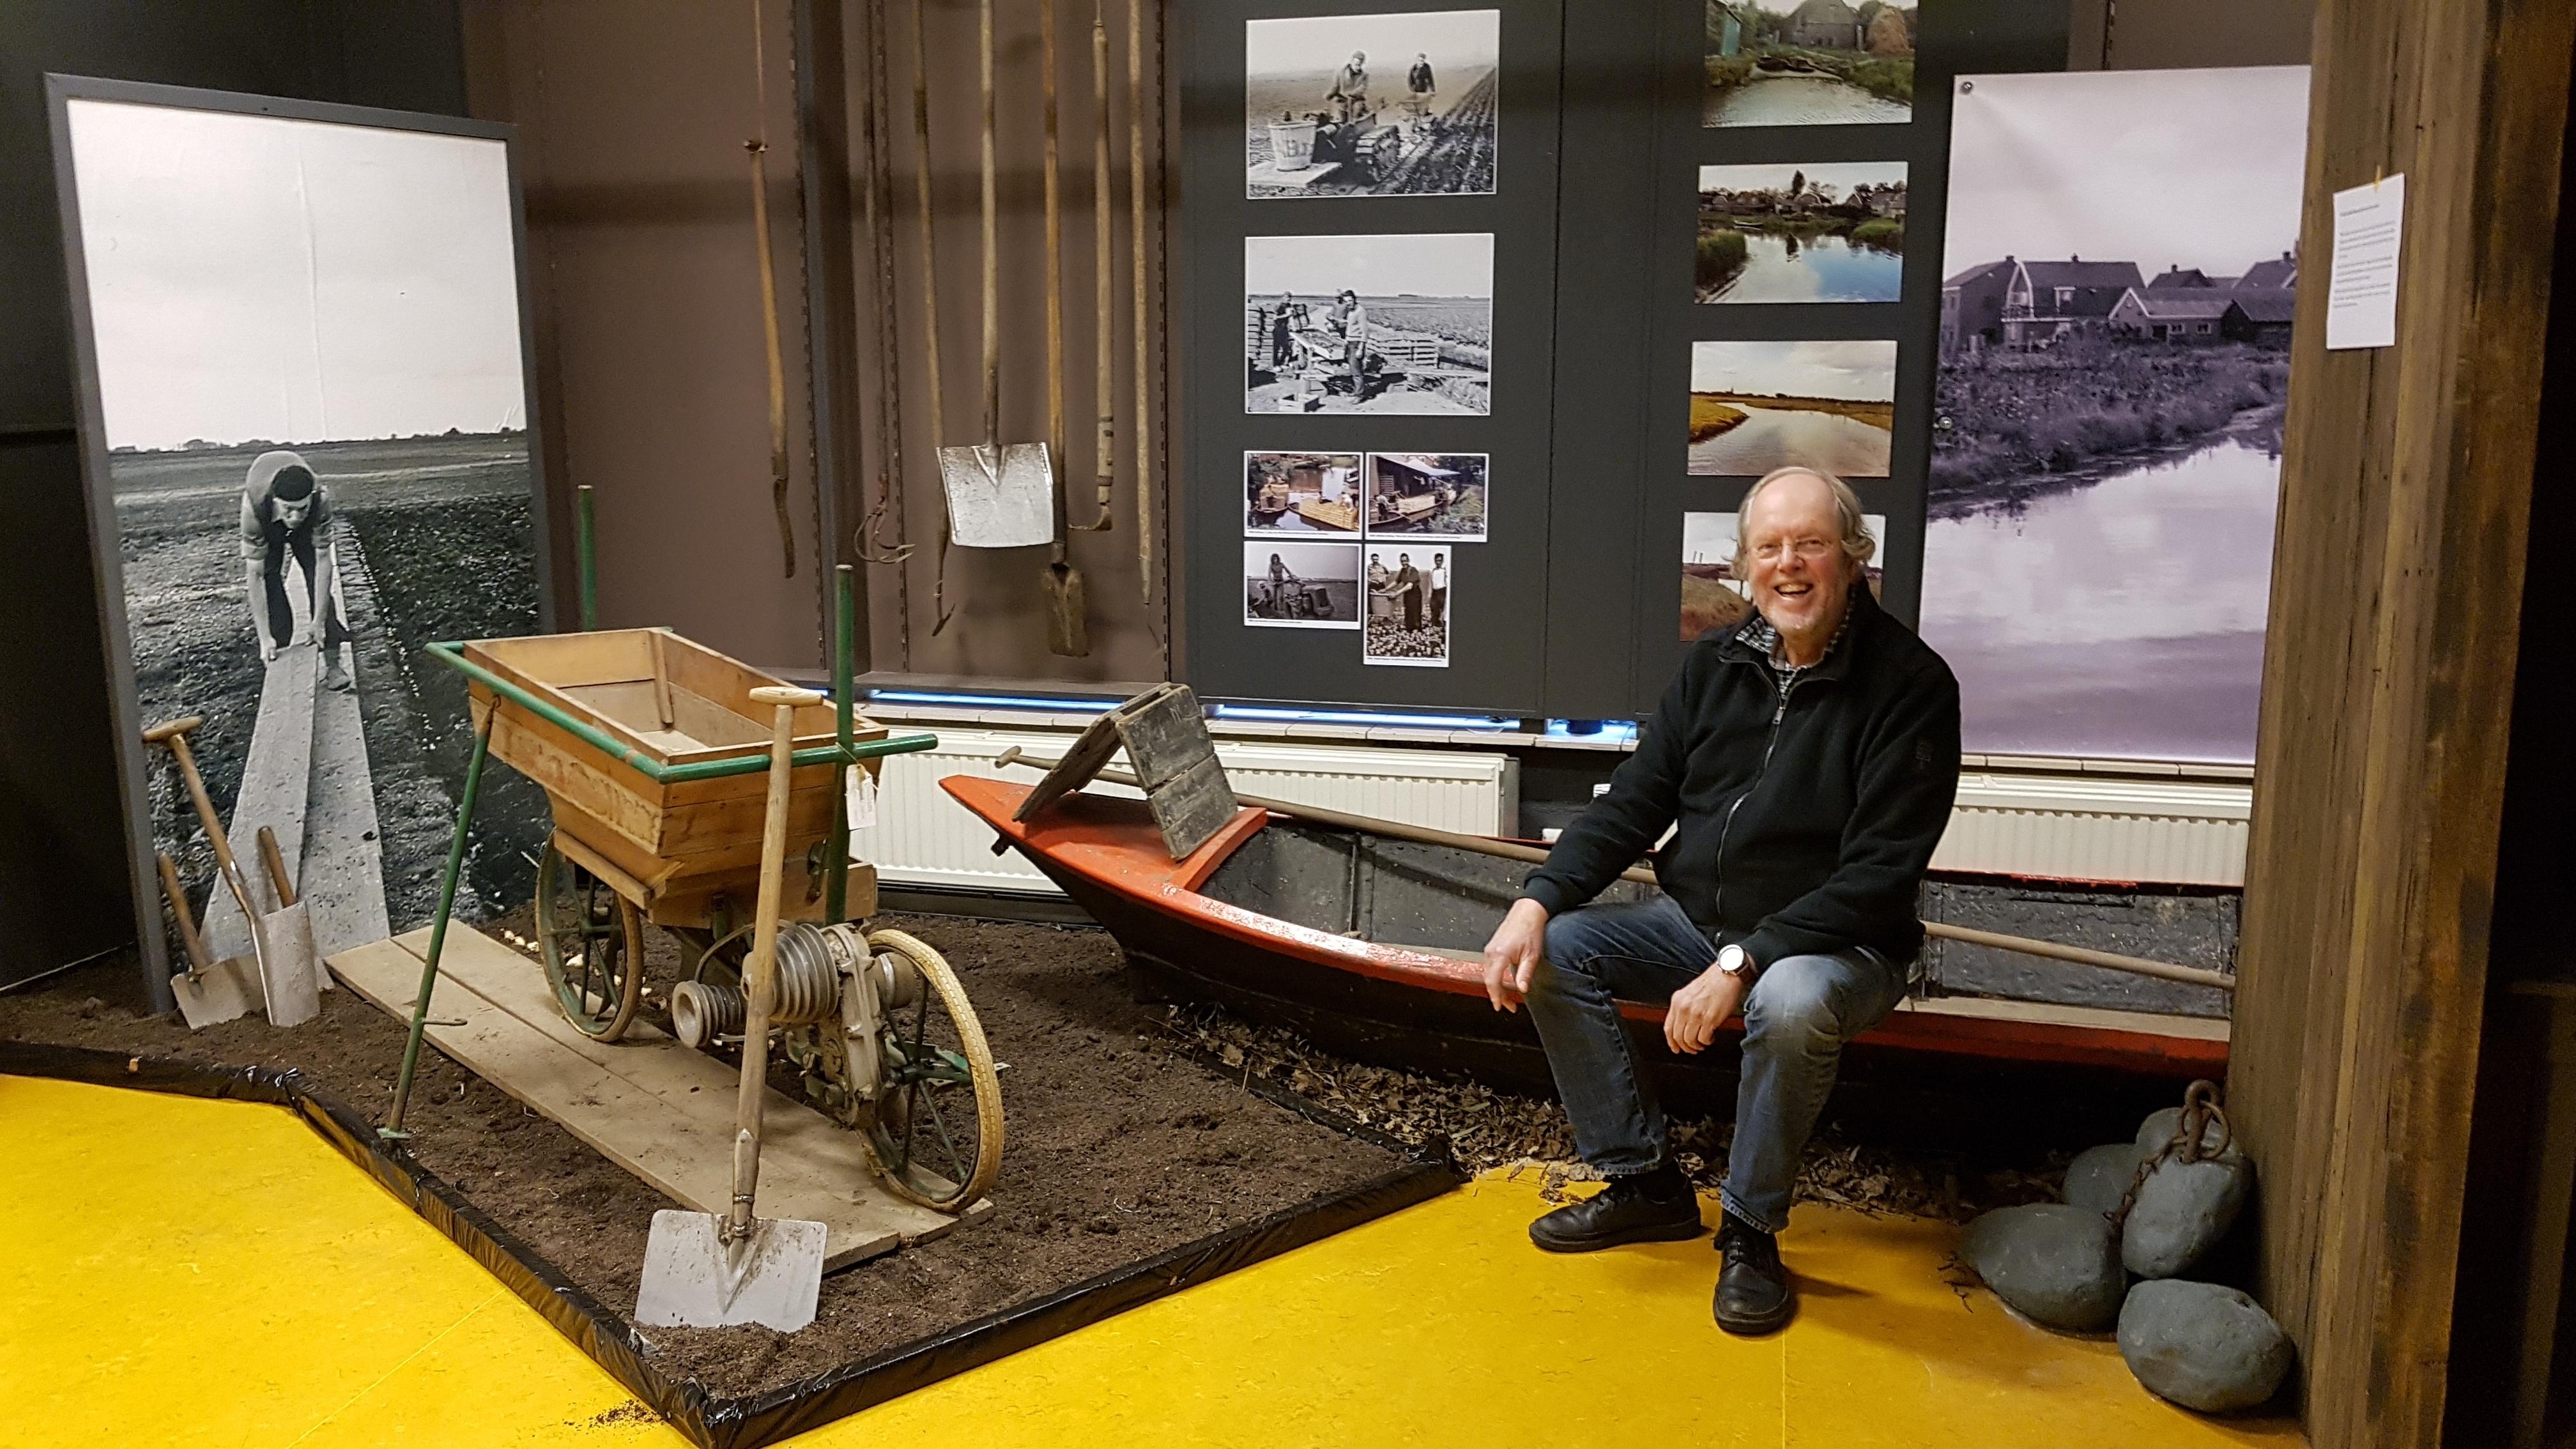 Voorzitter Jaap Kroon nodigt iedereen uit om een kijkje te nemen bij de expositie Terug naar de jaren zestig.